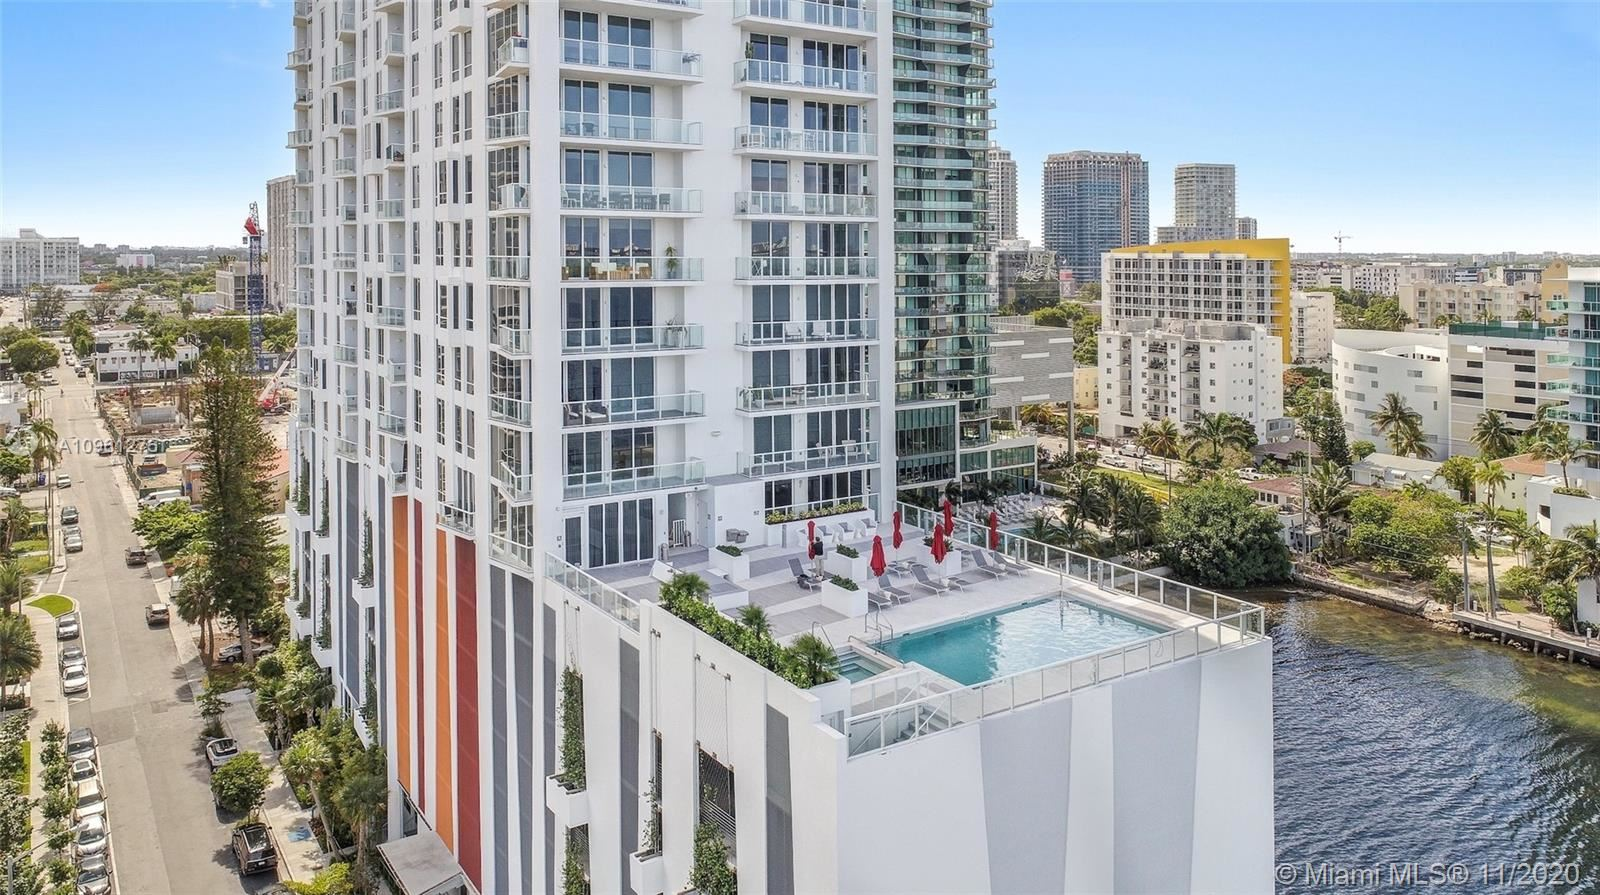 601 NE 27 ST #1508, Miami, FL 33137 - #: A10961275